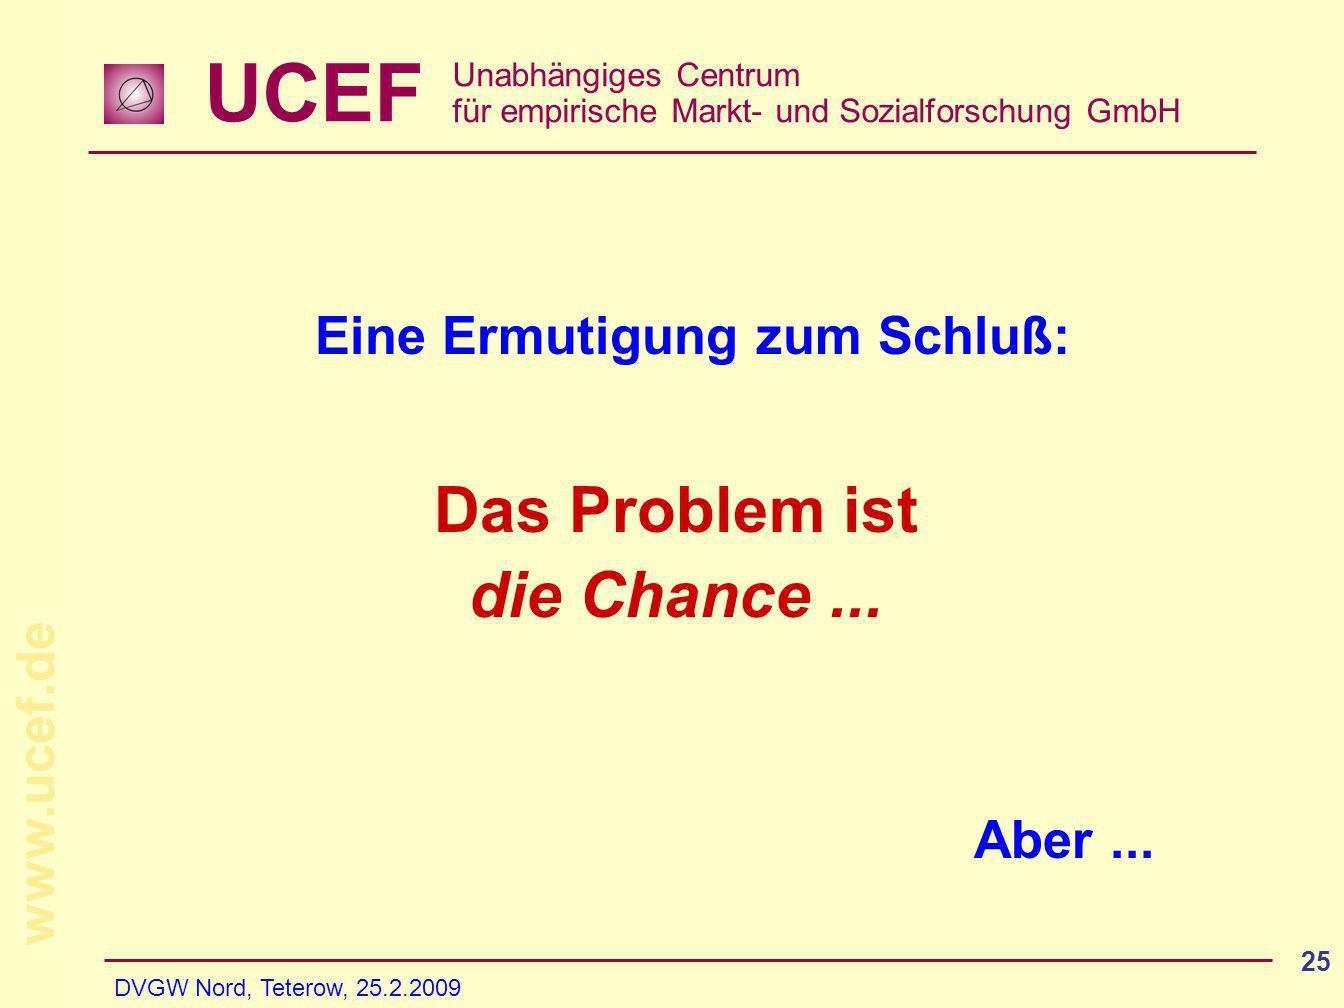 UCEF Unabhängiges Centrum für empirische Markt- und Sozialforschung GmbH www.ucef.de DVGW Nord, Teterow, 25.2.2009 25 Eine Ermutigung zum Schluß: Aber